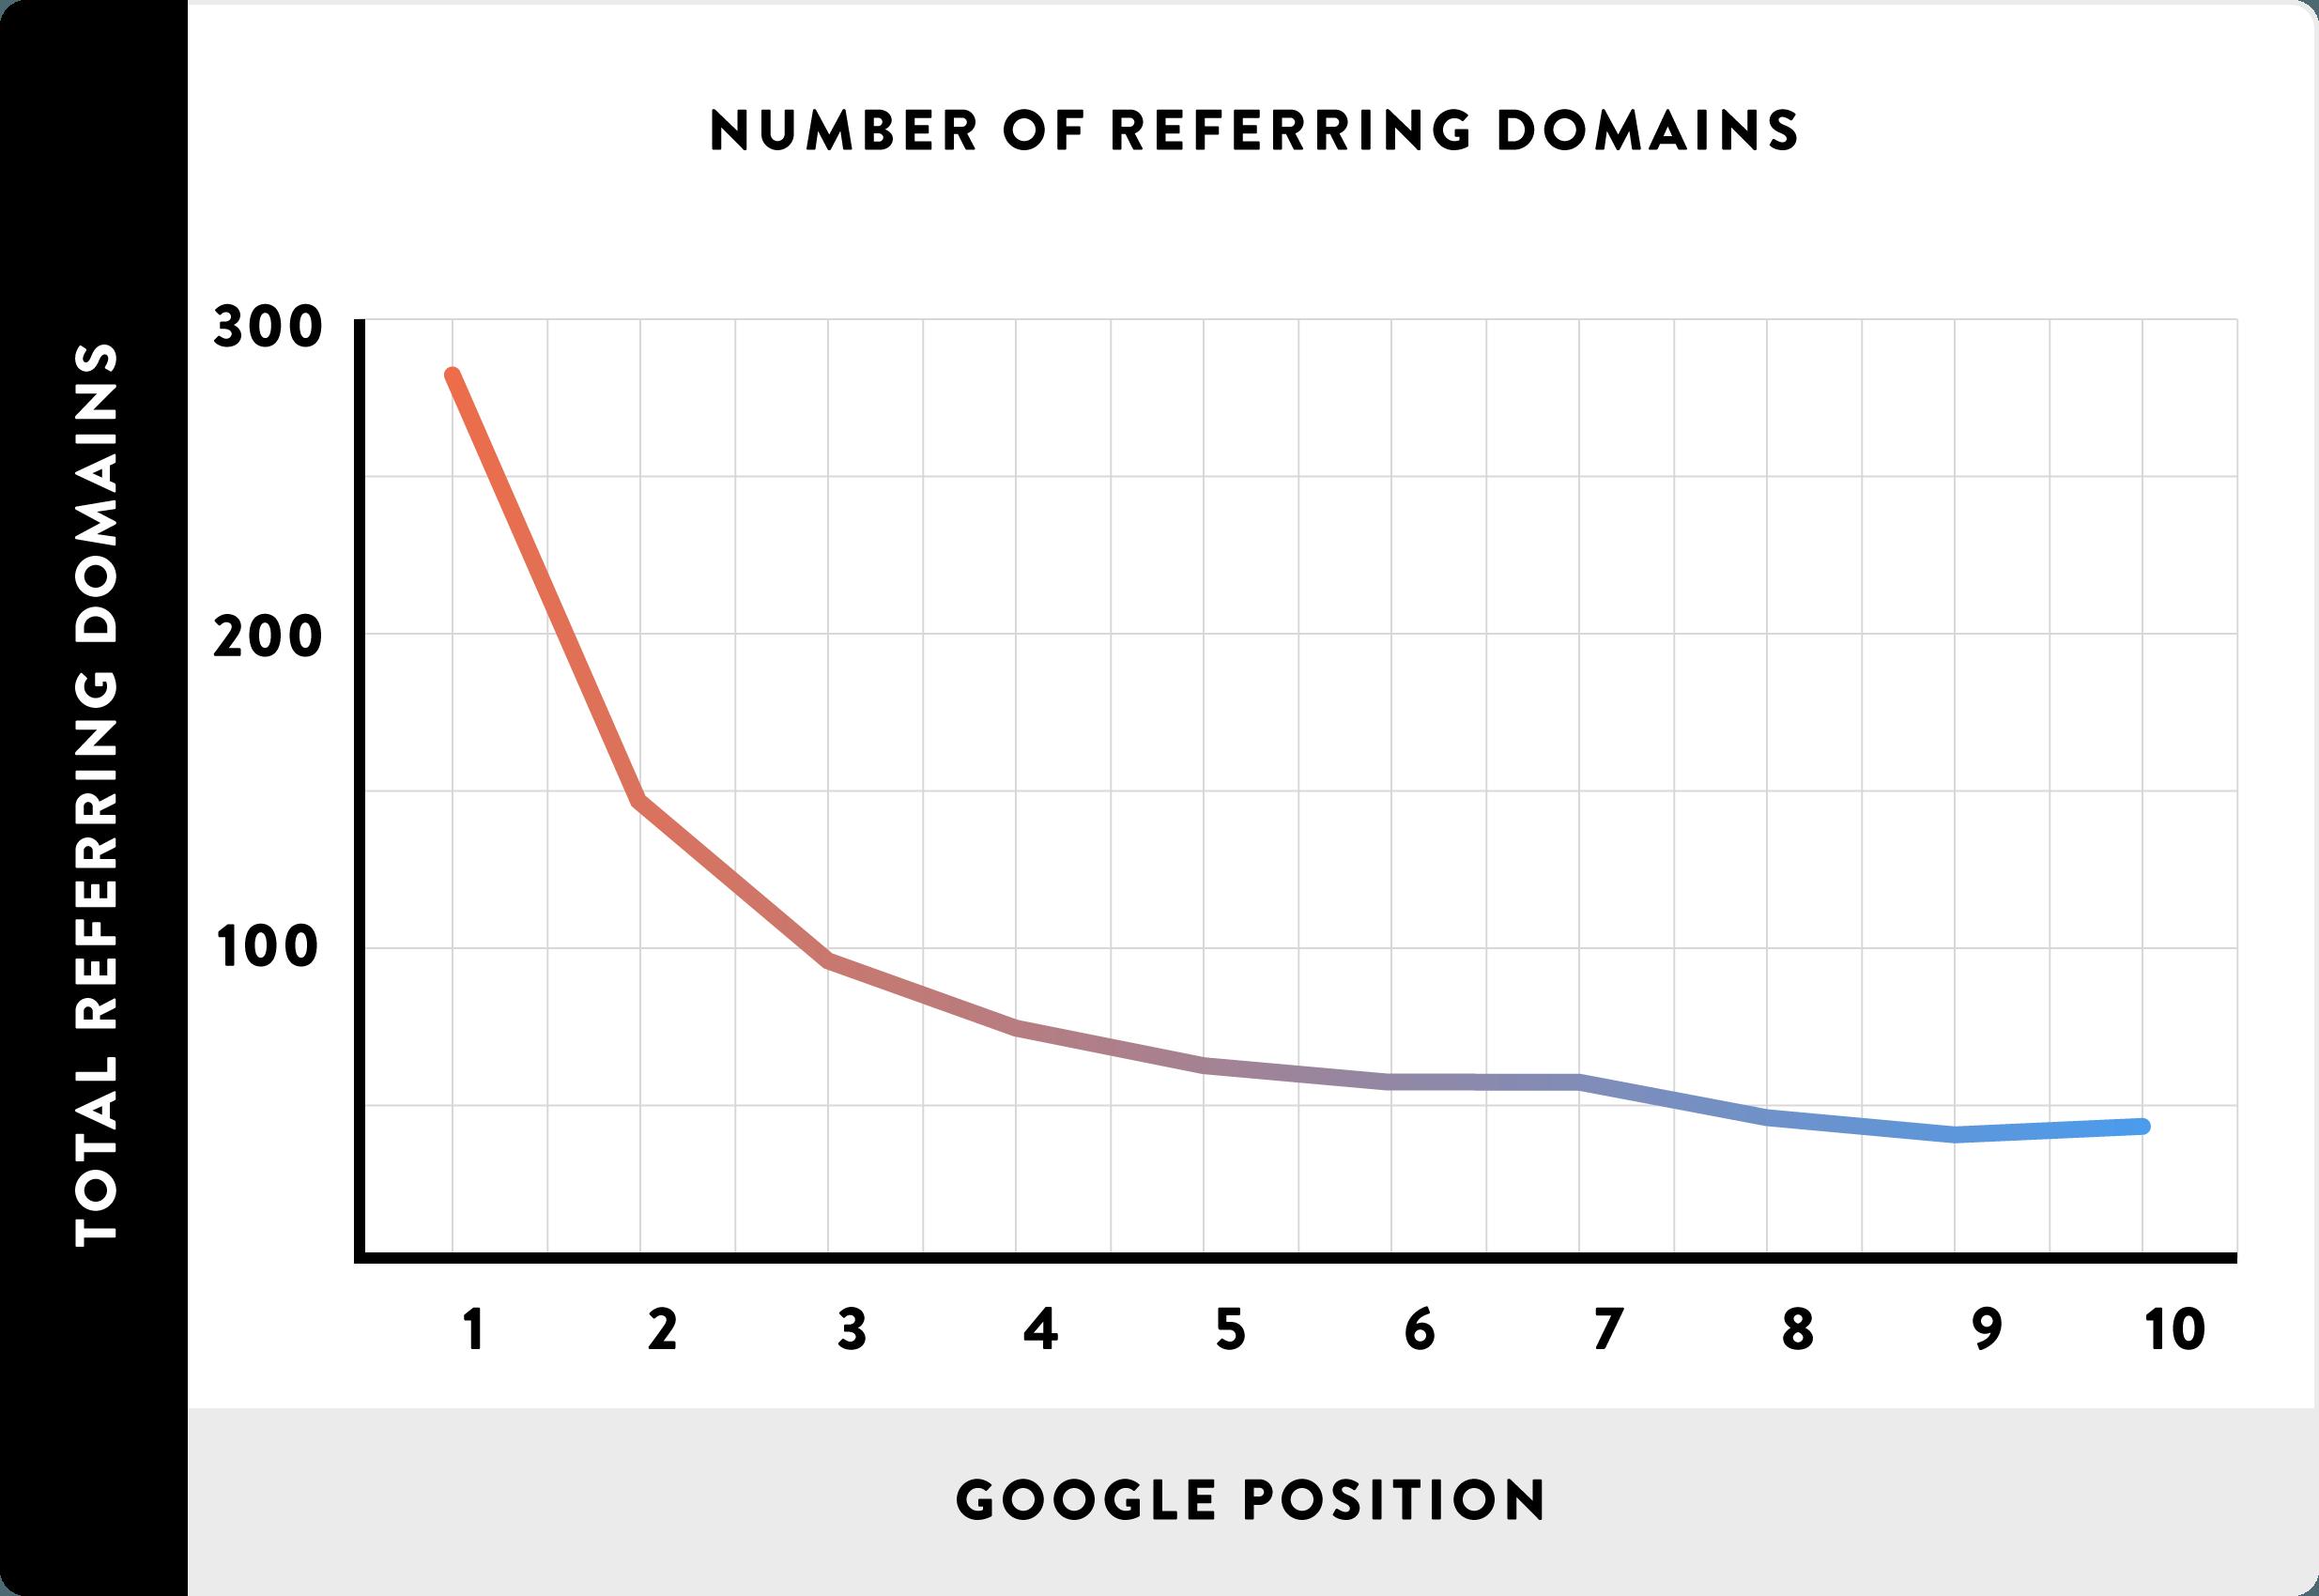 De correlatie tussen het aantal verwijzende domeinen en Google rank